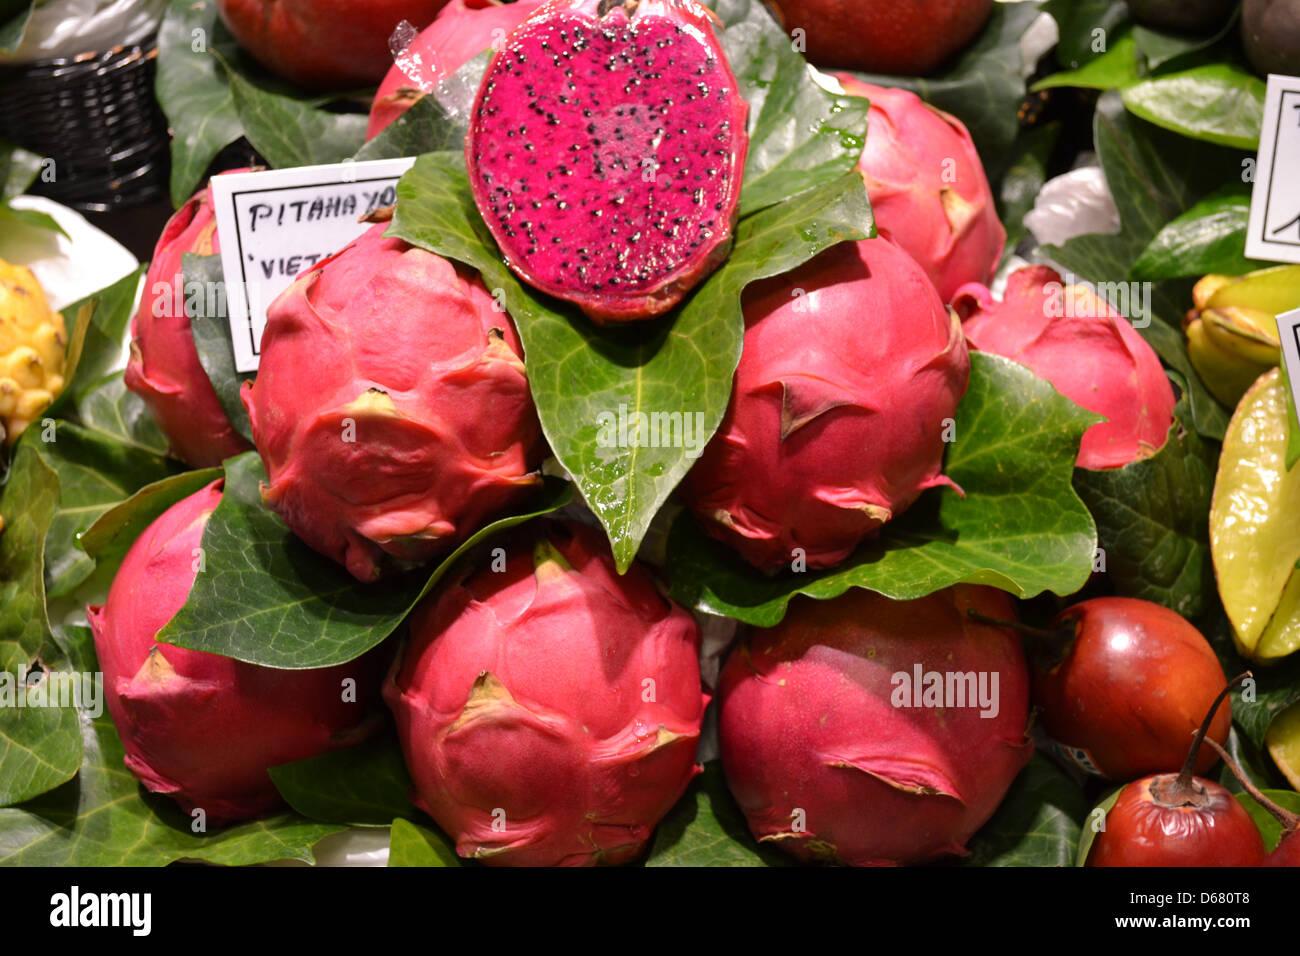 jacks fruit market pitaya fruit